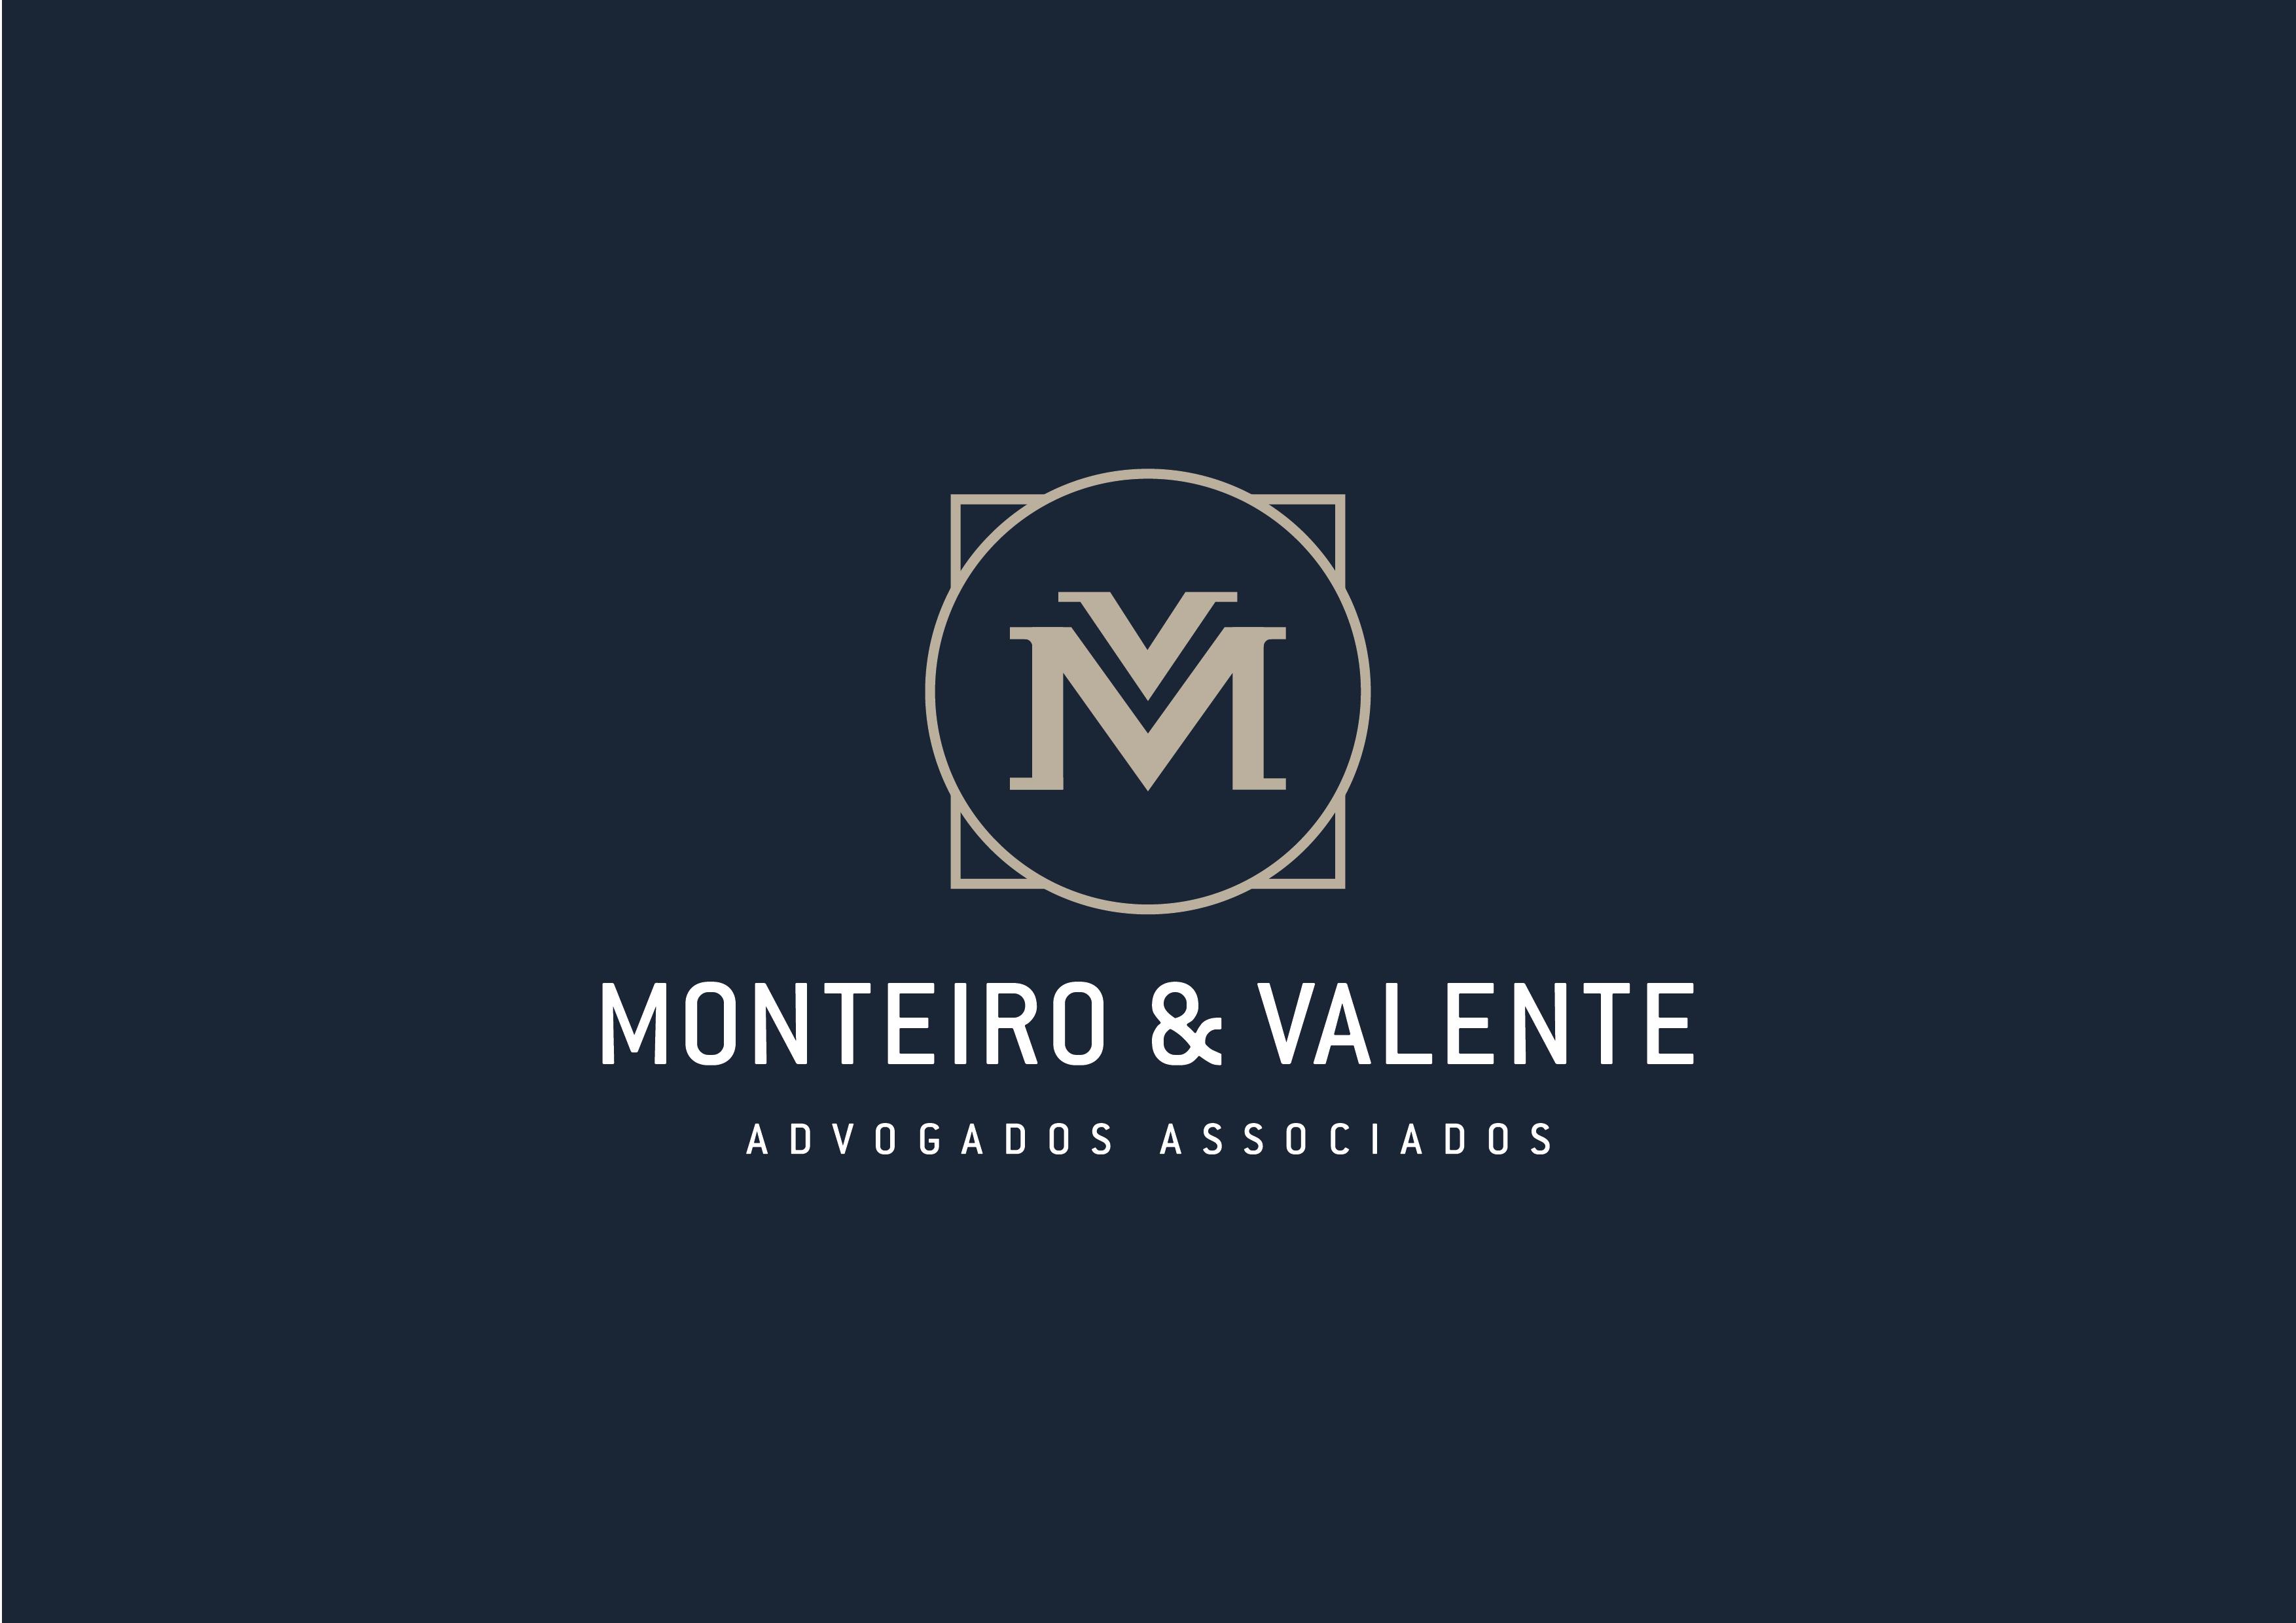 Monteiro & Valente